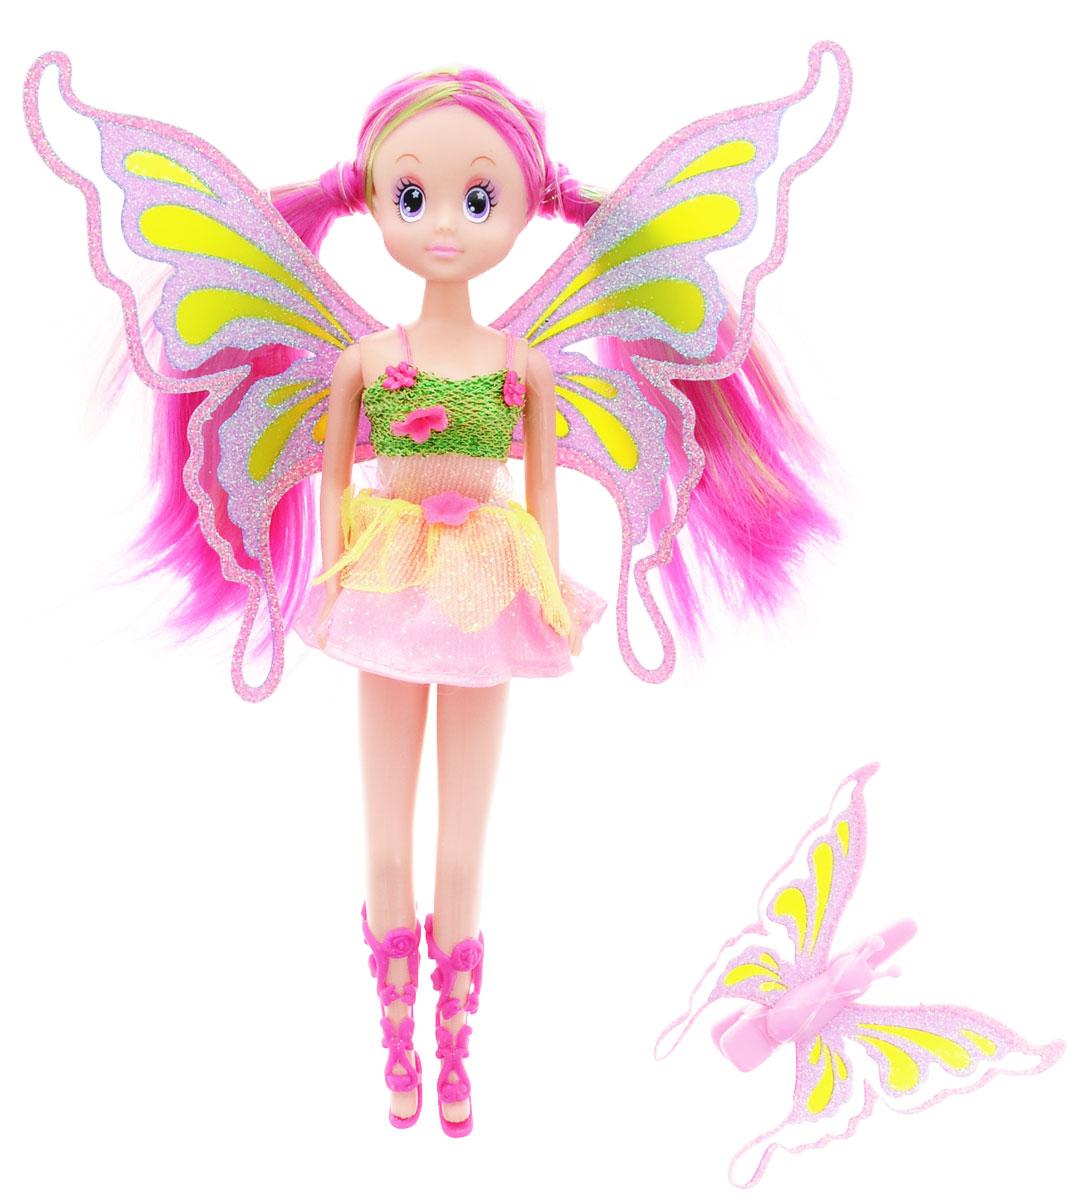 Simba Кукла Фея-бабочка цвет платья розовый салатовый5519064Кукла Фея-бабочка порадует любую девочку и надолго увлечет ее. Фея выглядит просто волшебно! Она одета в короткое пышное платьице розового цвета с салатовым лифом. На ногах у куколки высокие розовые сандалии. Образ феи дополняют прозрачные блестящие крылышки, а розовые с зеленым волосы убраны в два симпатичных хвостика. Вашей дочурке непременно понравится заплетать длинные волосы куклы, придумывая разнообразные прически. В комплекте с куклой имеется подарок для ее маленькой хозяйки - розовая заколка для волос с крылышками, как у настоящей бабочки! Руки, ноги и голова куклы подвижны, благодаря чему ей можно придавать разнообразные позы. Игры с куклой способствуют эмоциональному развитию, помогают формировать воображение и художественный вкус, а также разовьют в вашей малышке чувство ответственности и заботы. Великолепное качество исполнения делают эту куколку чудесным подарком к любому празднику.